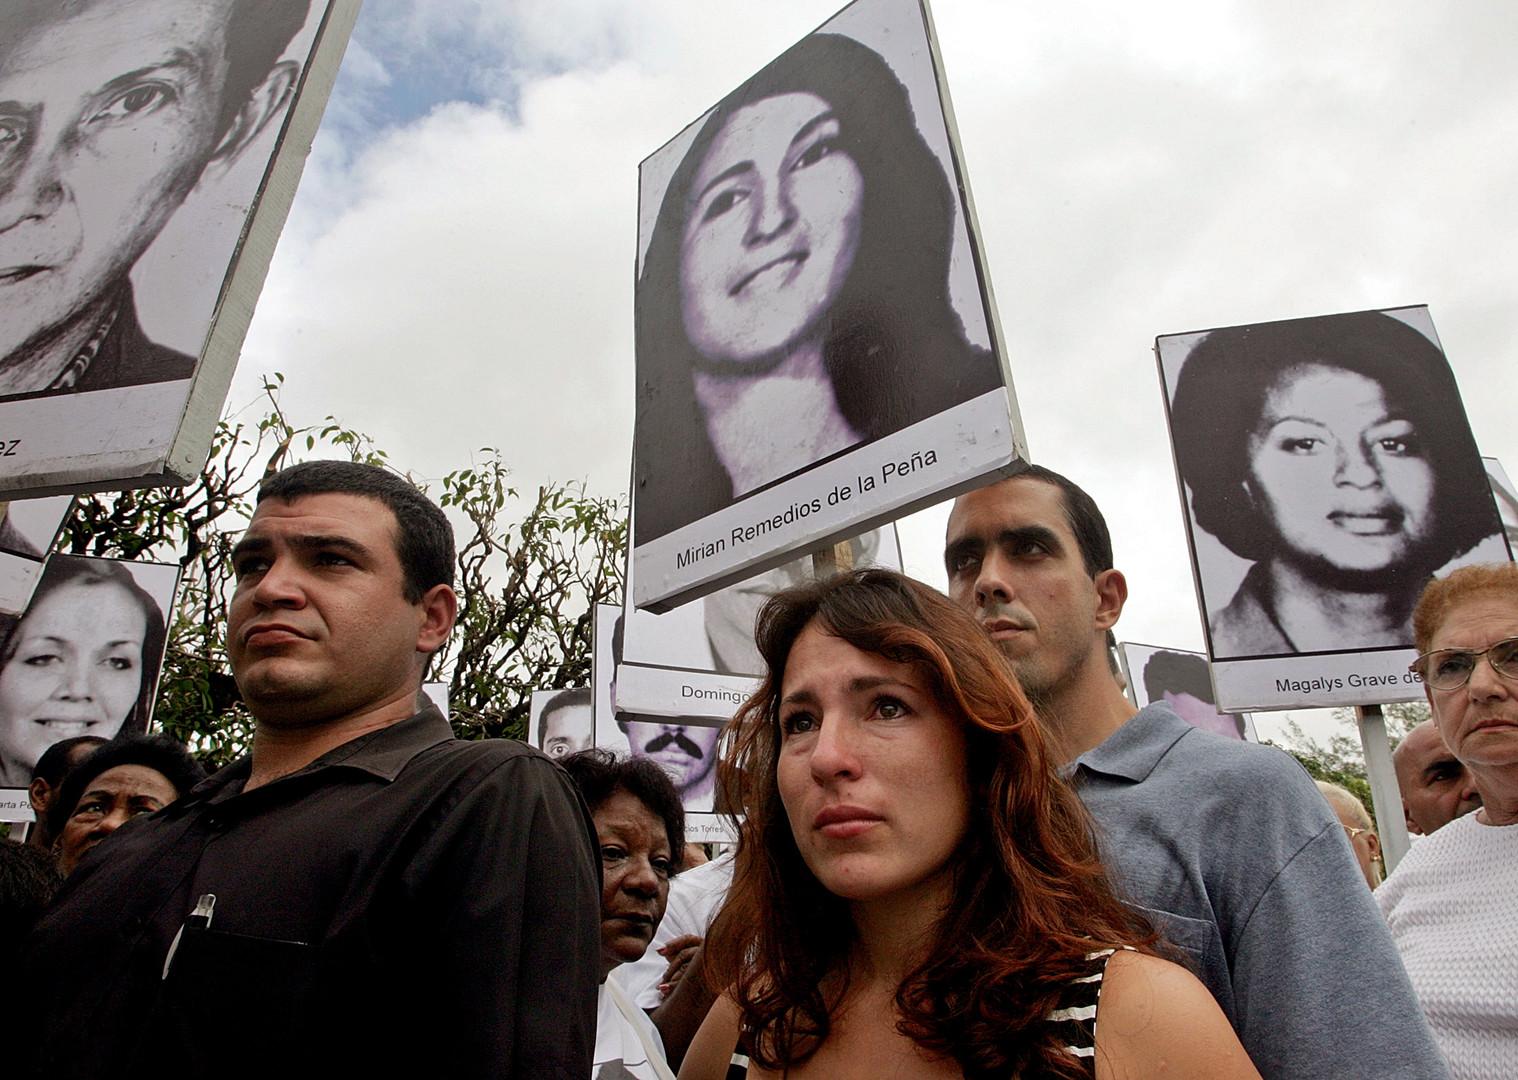 Freigegebene CIA-Akten: USA schützten 1976 Attentäter auf kubanisches Flugzeug mit 73 Toten